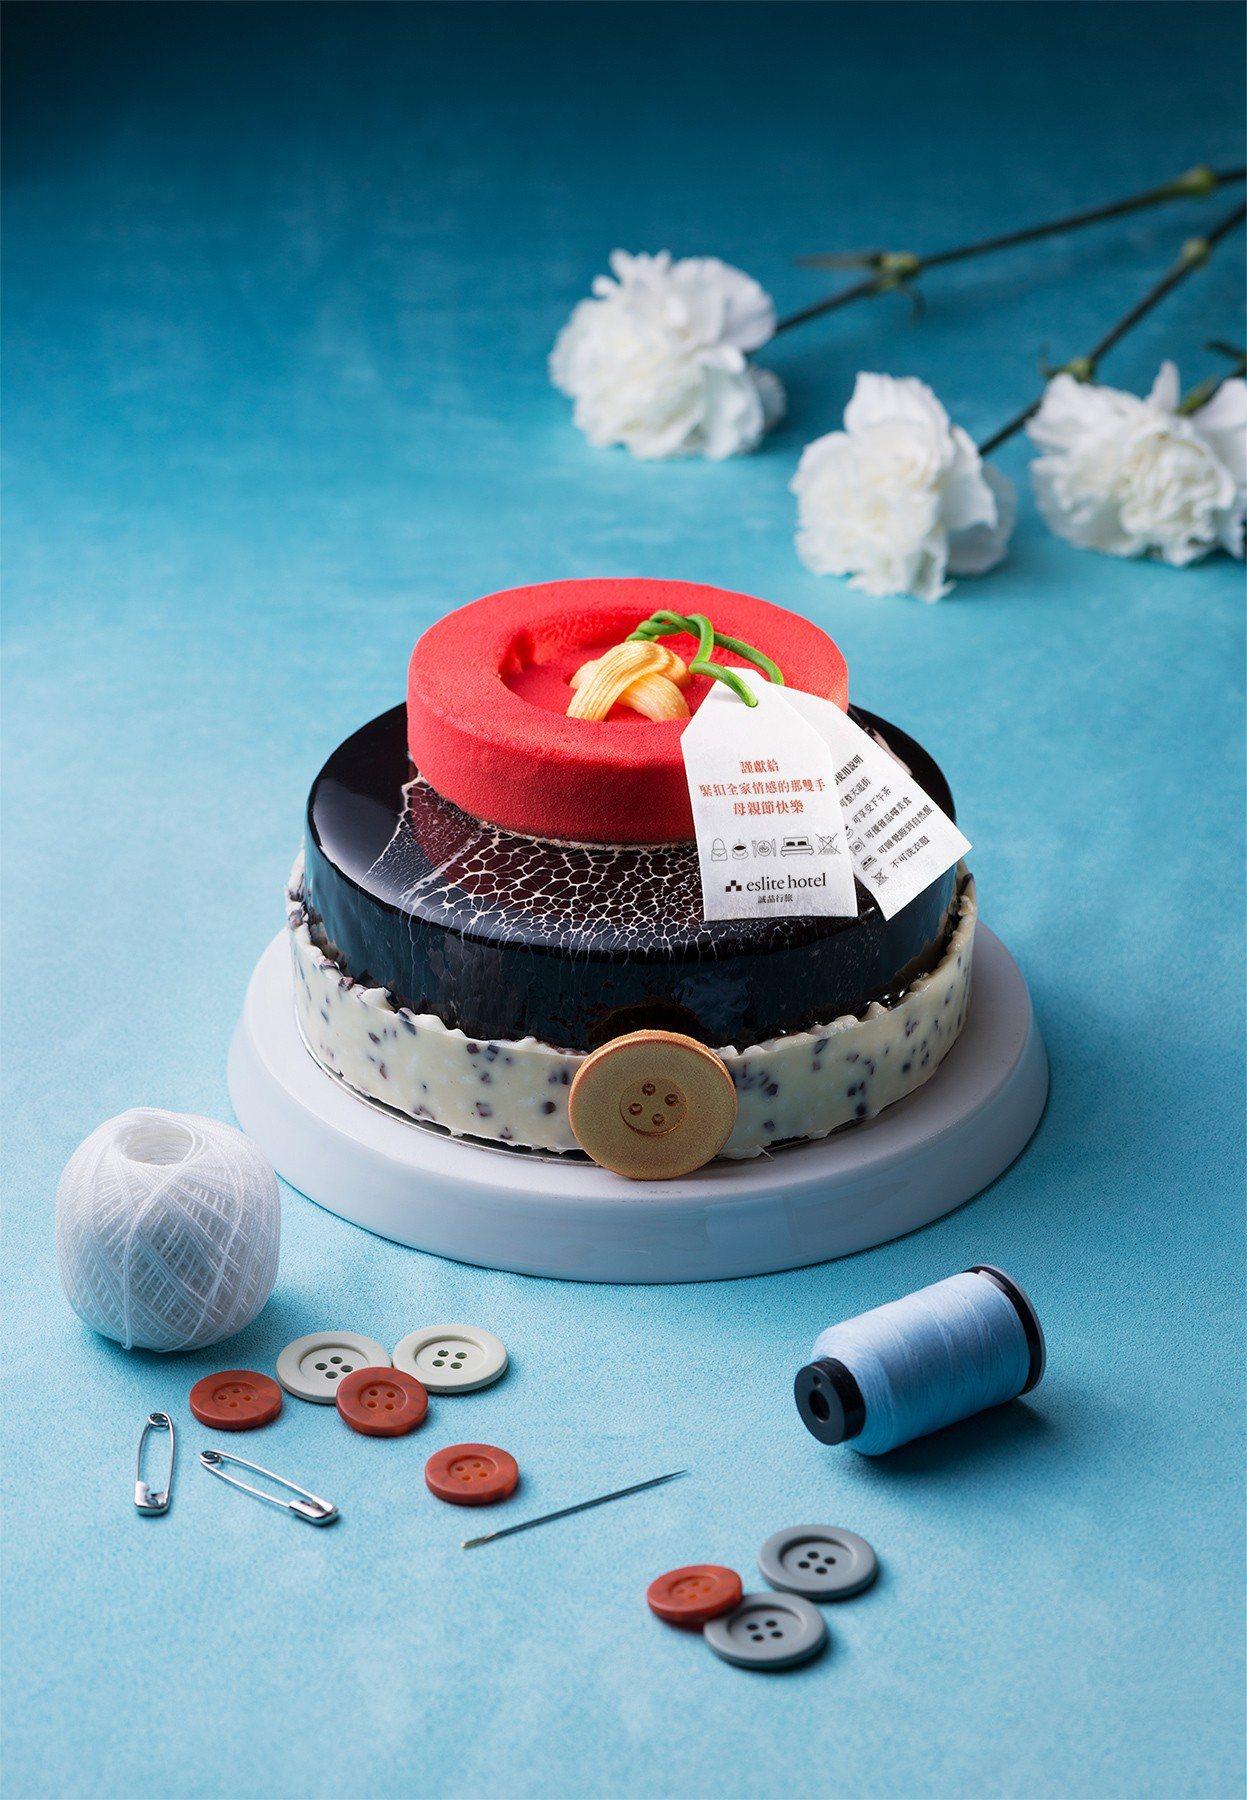 誠品行旅「釦子」母親節限定蛋糕。圖/誠品行旅提供